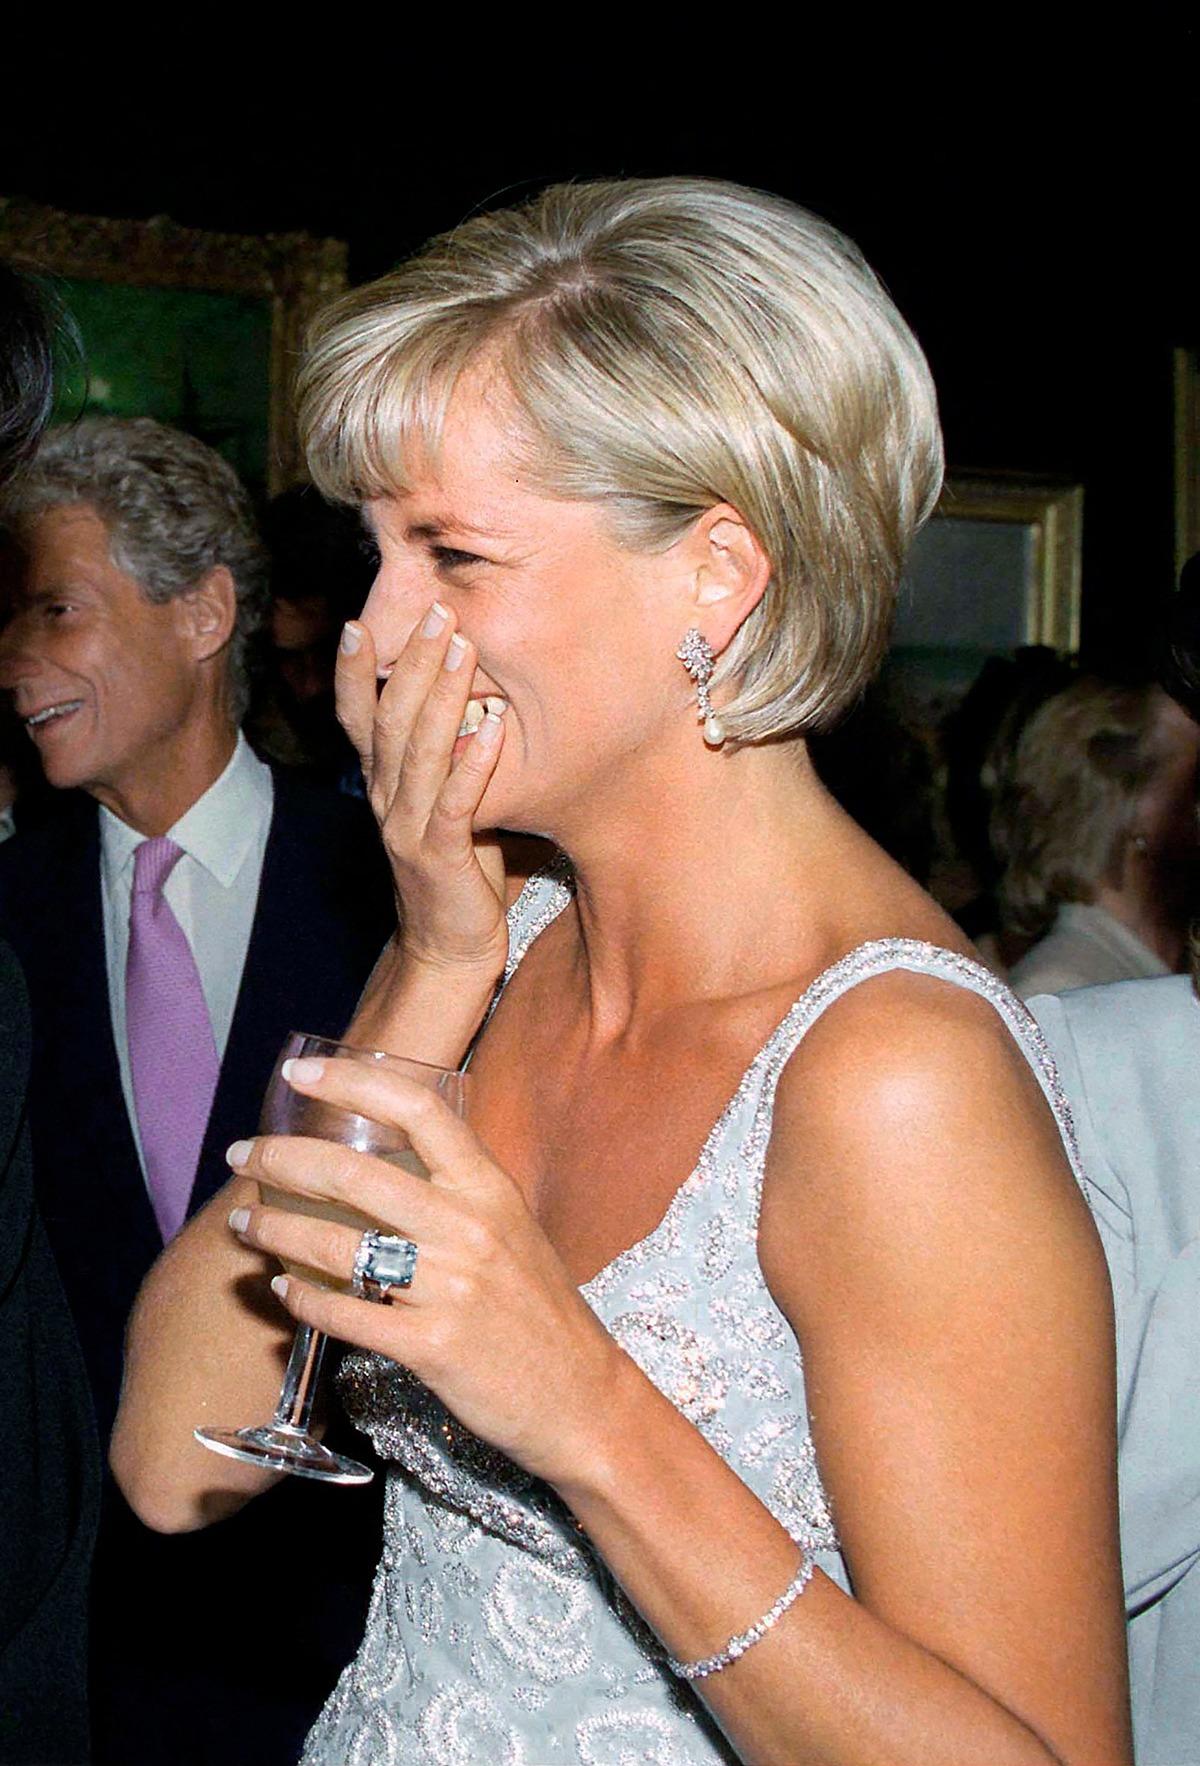 Công nương Diana đeo lắc tay kim cương của hãng Cartier trong tiệc tiền đấu giá váy áo của Christie năm 1997. Ảnh: Tim Graham.